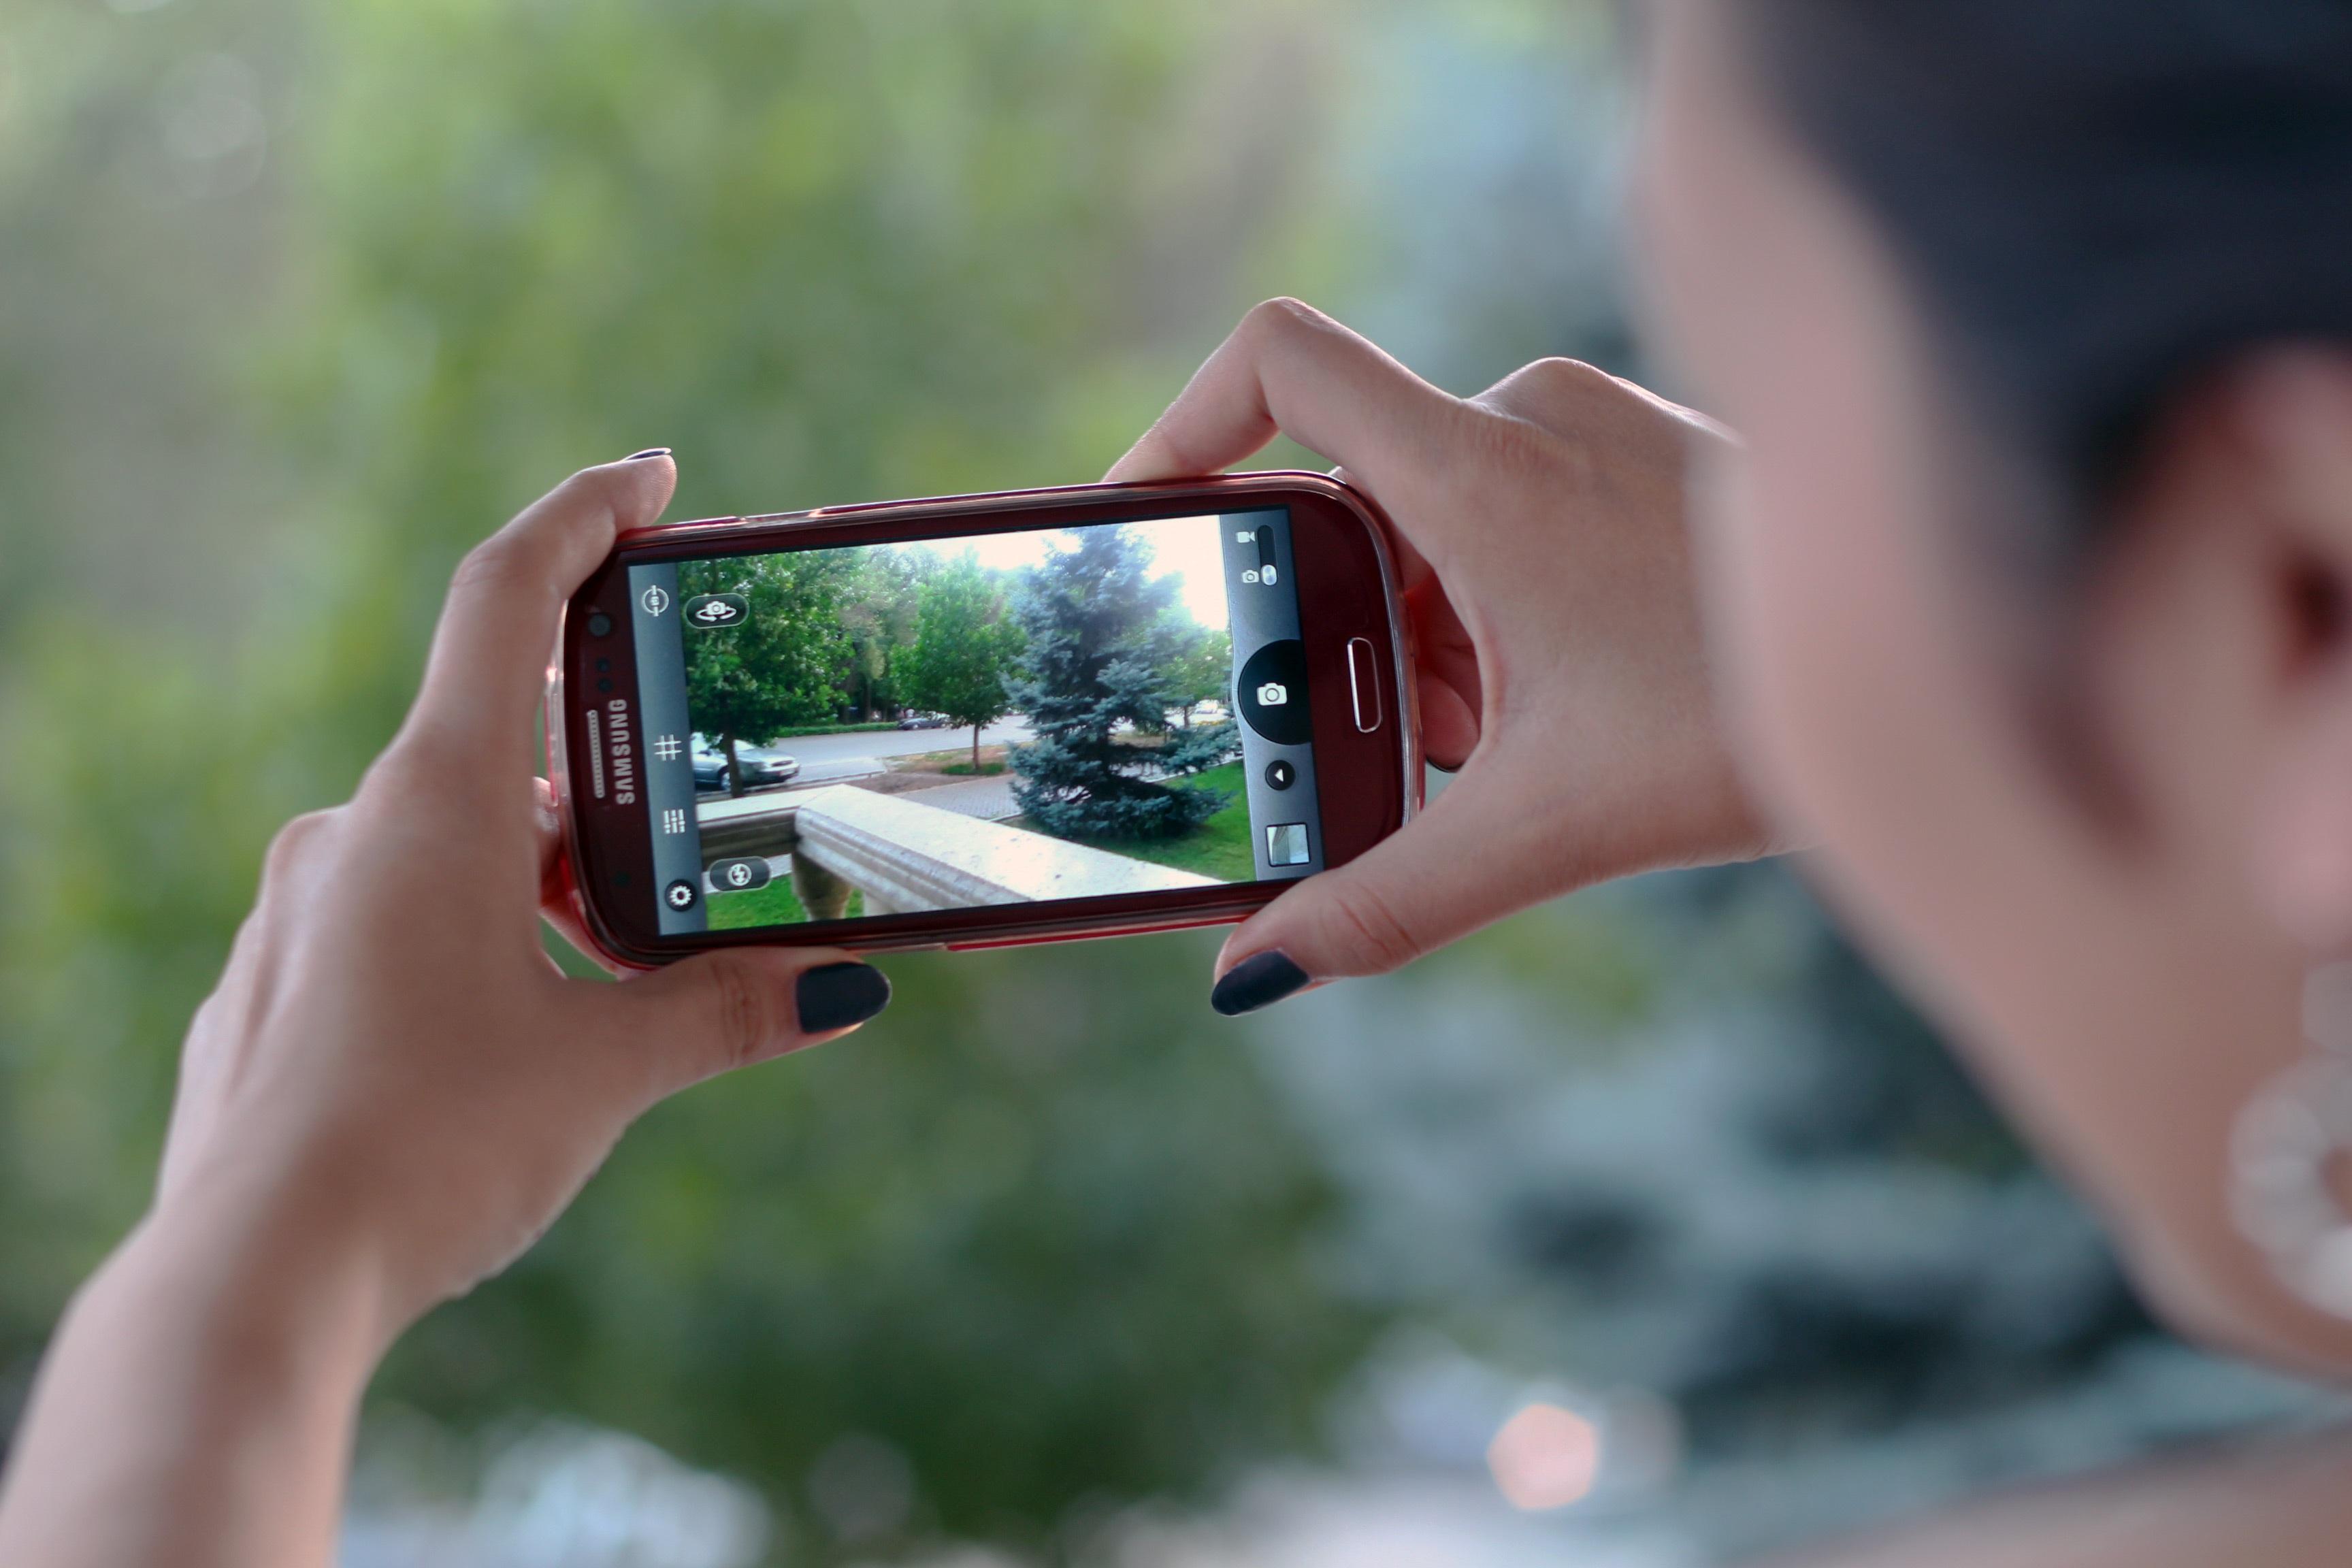 Ювентус картинки на обои телефона если